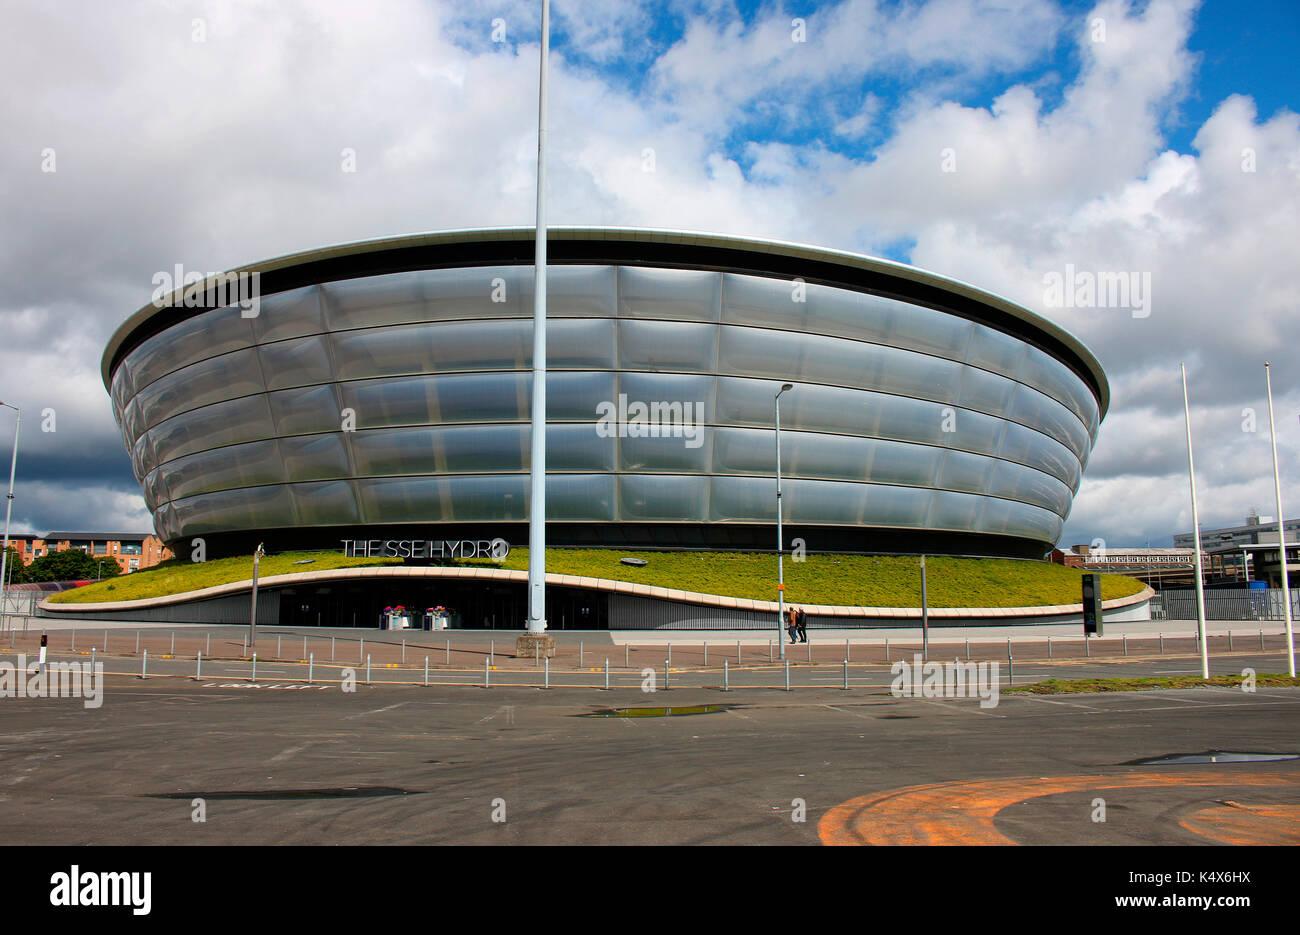 SSE Hydro (Architekt: Sir Noprman Foster), Glasgow, Schottland/ Scotland. - Stock Image